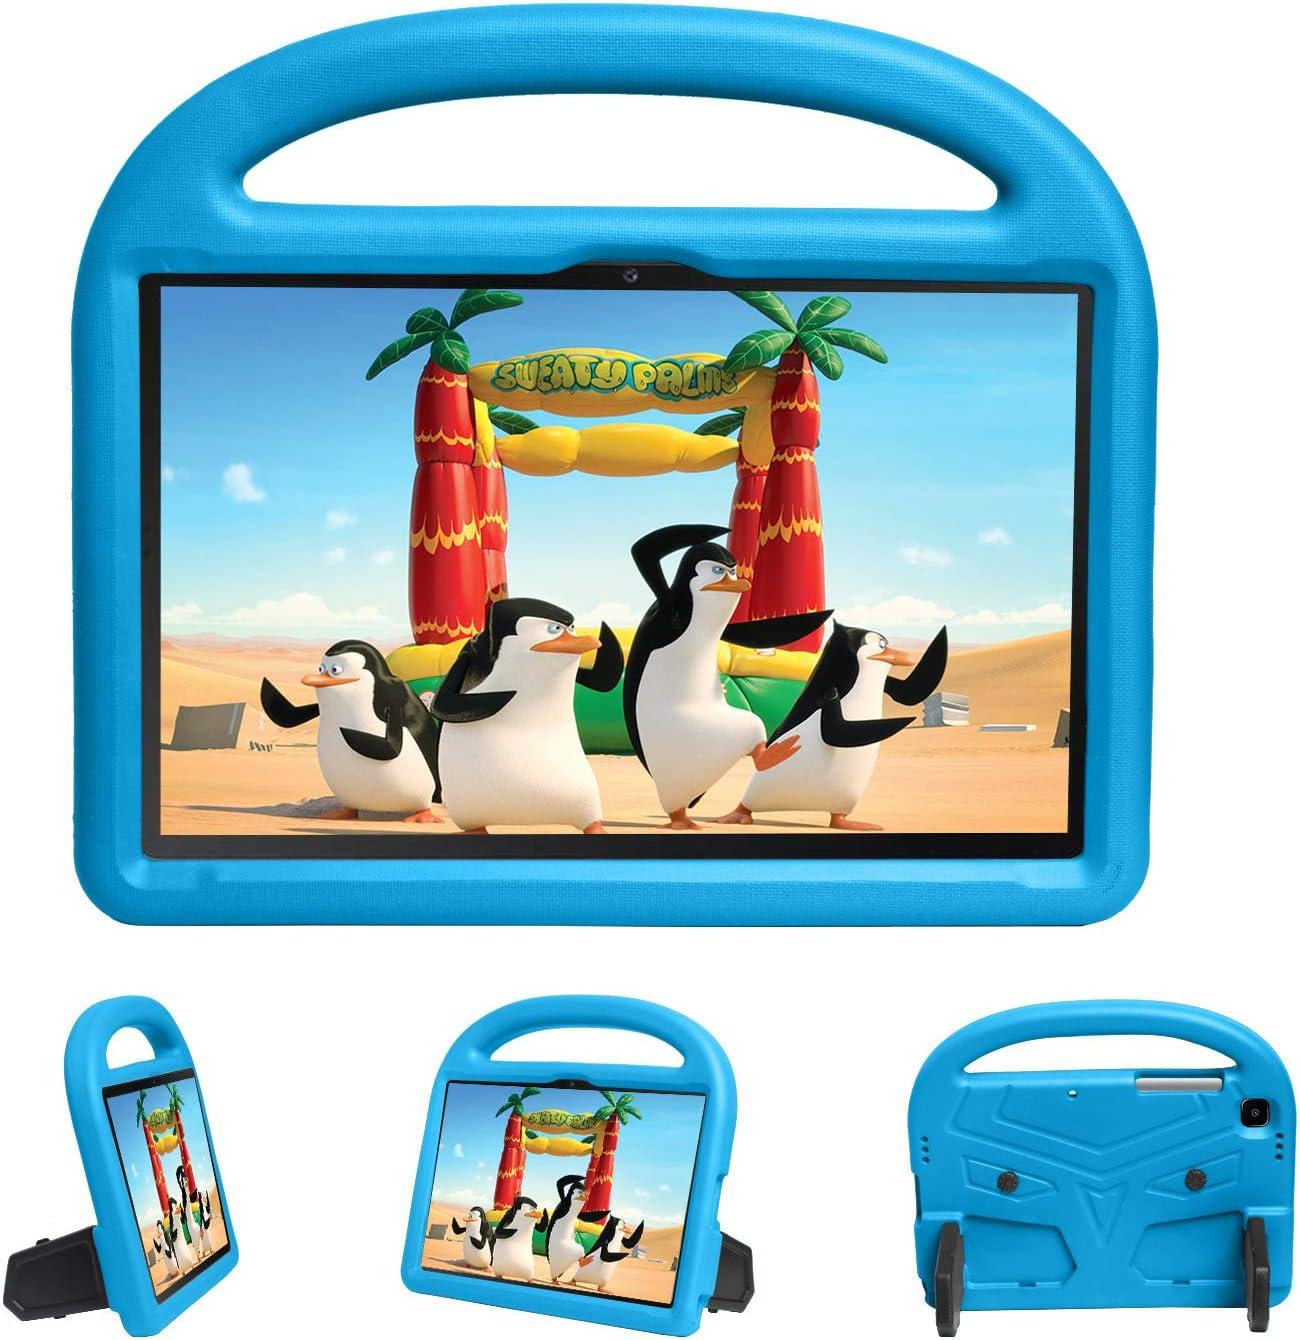 XunyLyee - Funda compatible con Samsung Galaxy Tab A7 2020, mango a prueba de golpes, peso ligero, soporte para niños, para Samsung Galaxy Tab A7 2020 SM-T500 T505 T507 (10,4 pulgadas), color azul